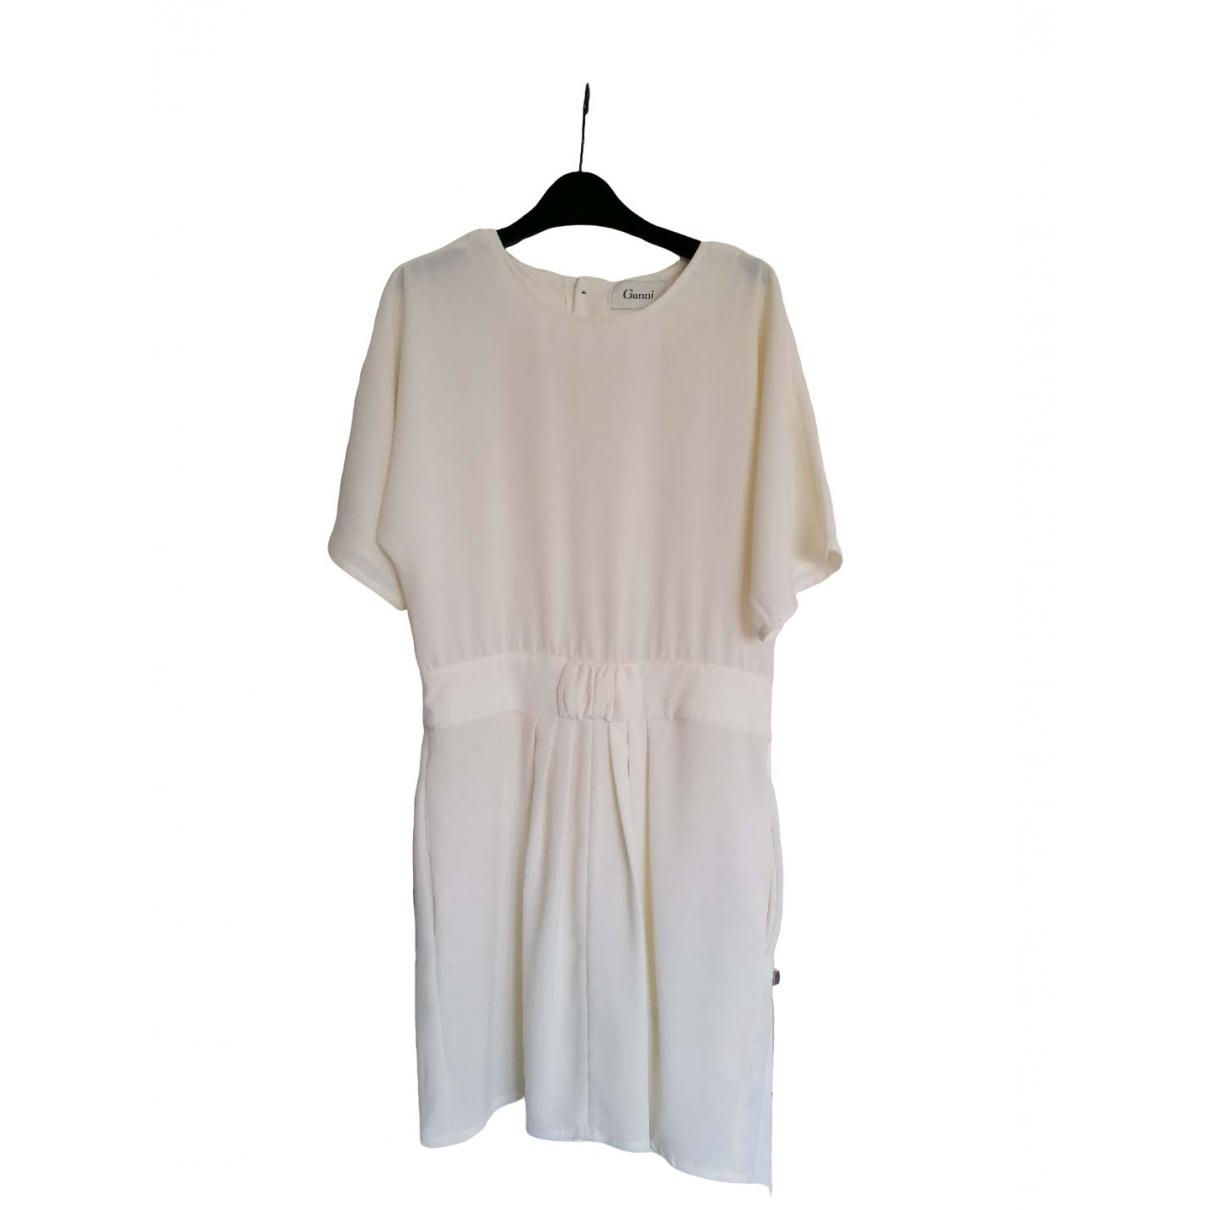 Ganni \N Ecru dress for Women L International